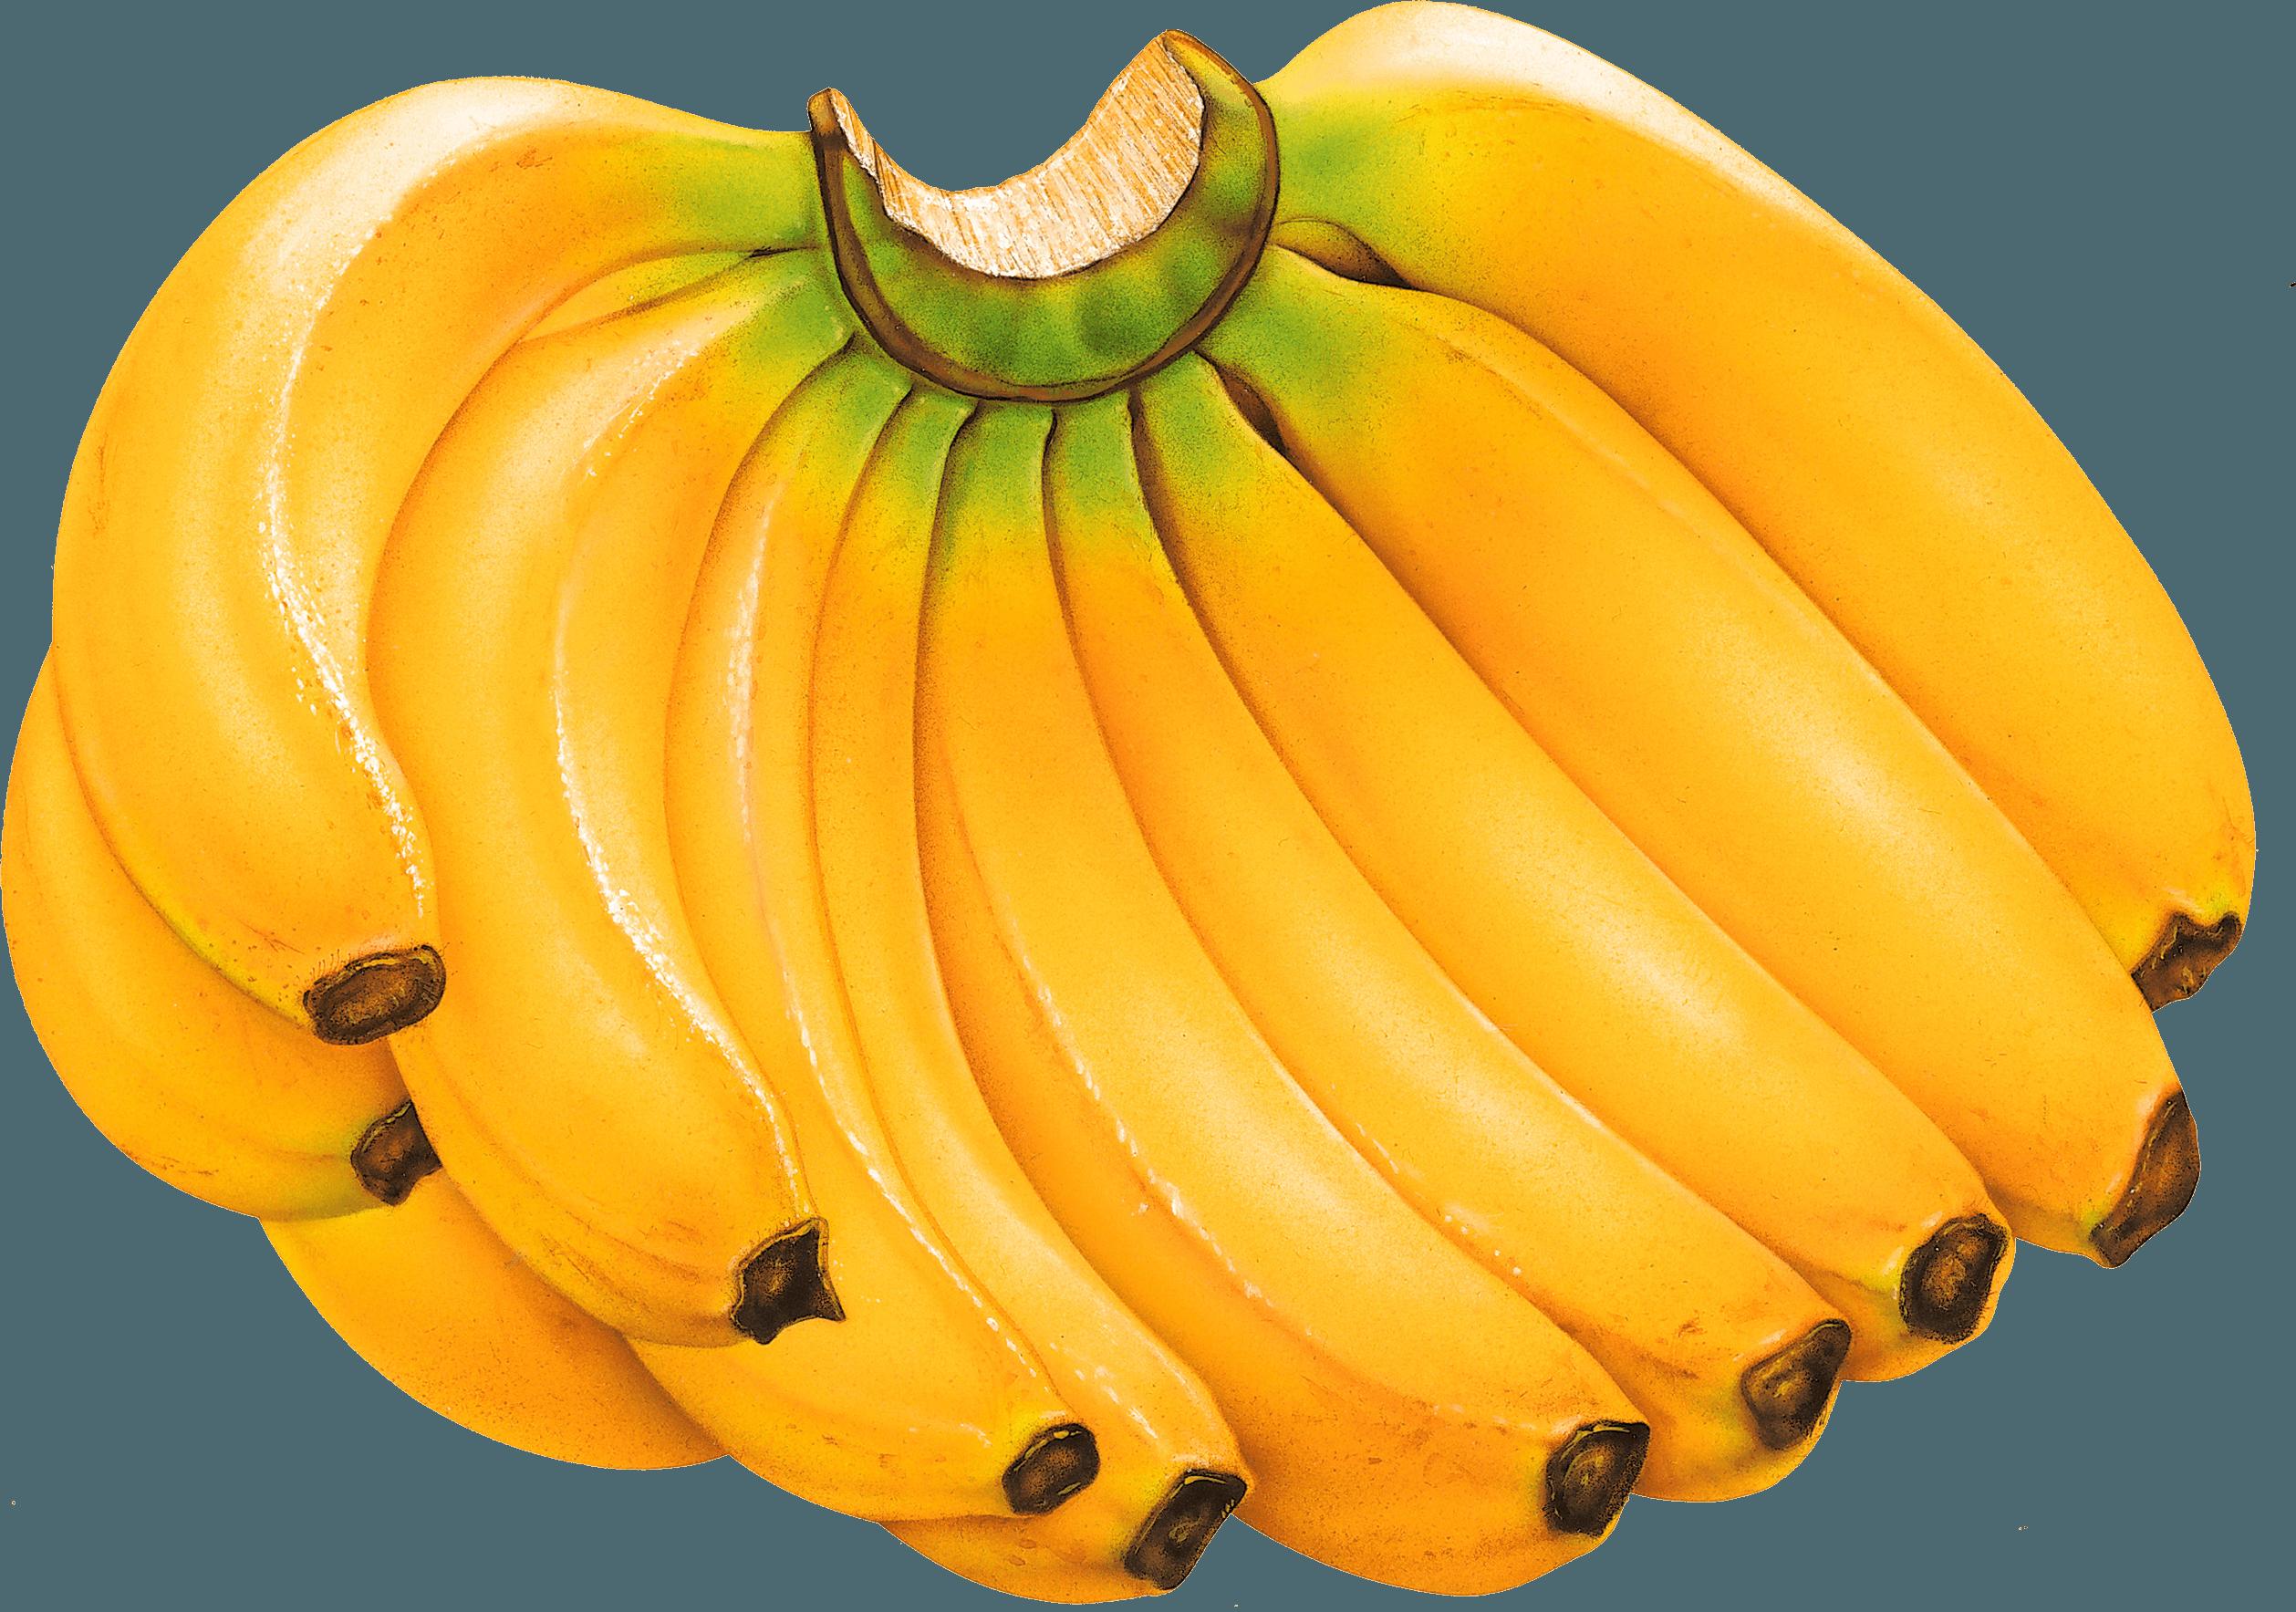 Banana Png Image PNG Image